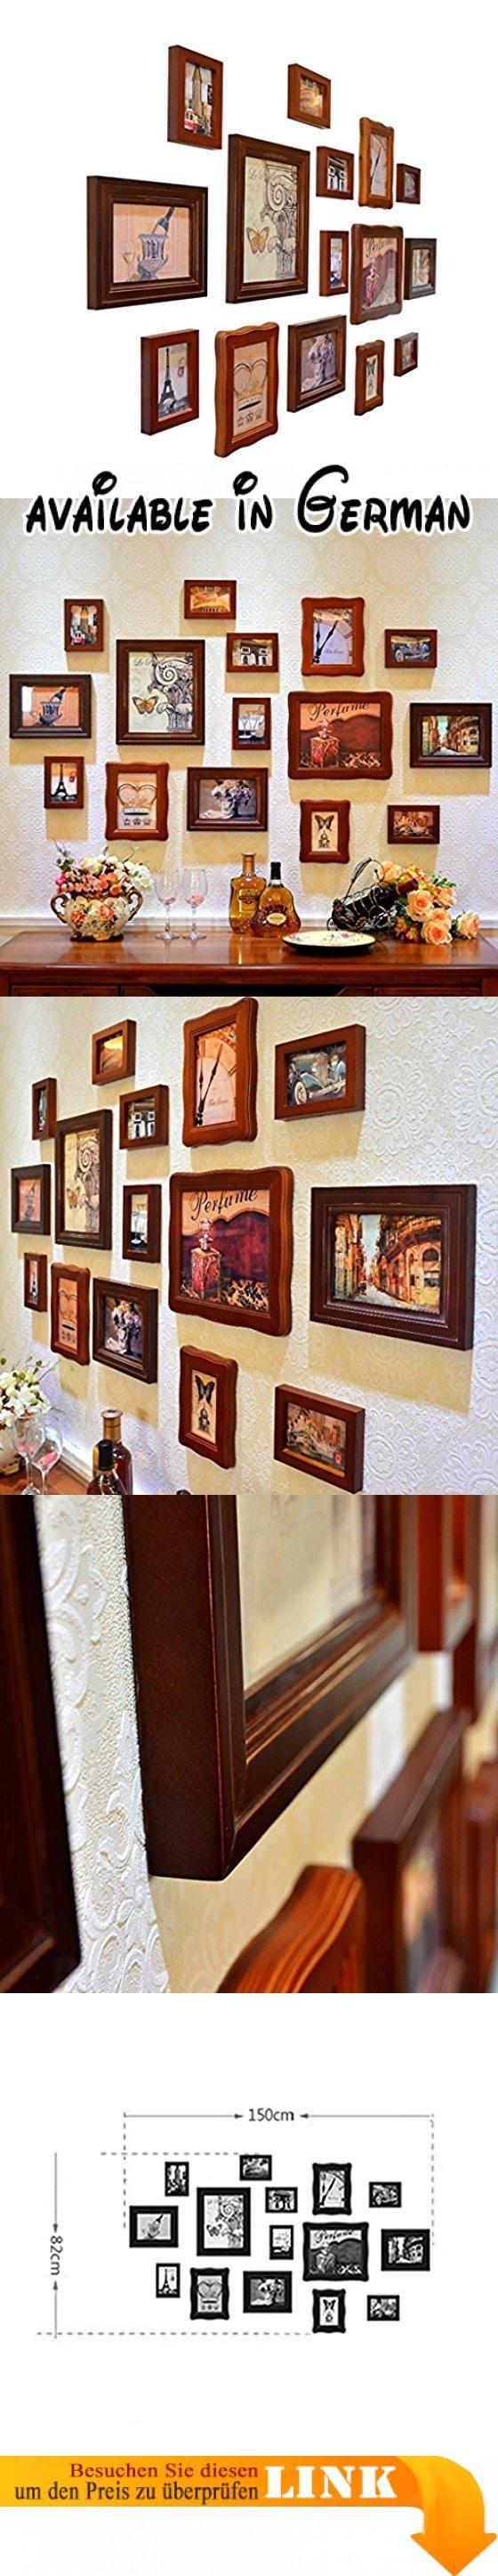 Farben Im Wohnzimmer Wohndesign Farbe Grau Visuelle Effekte Interior